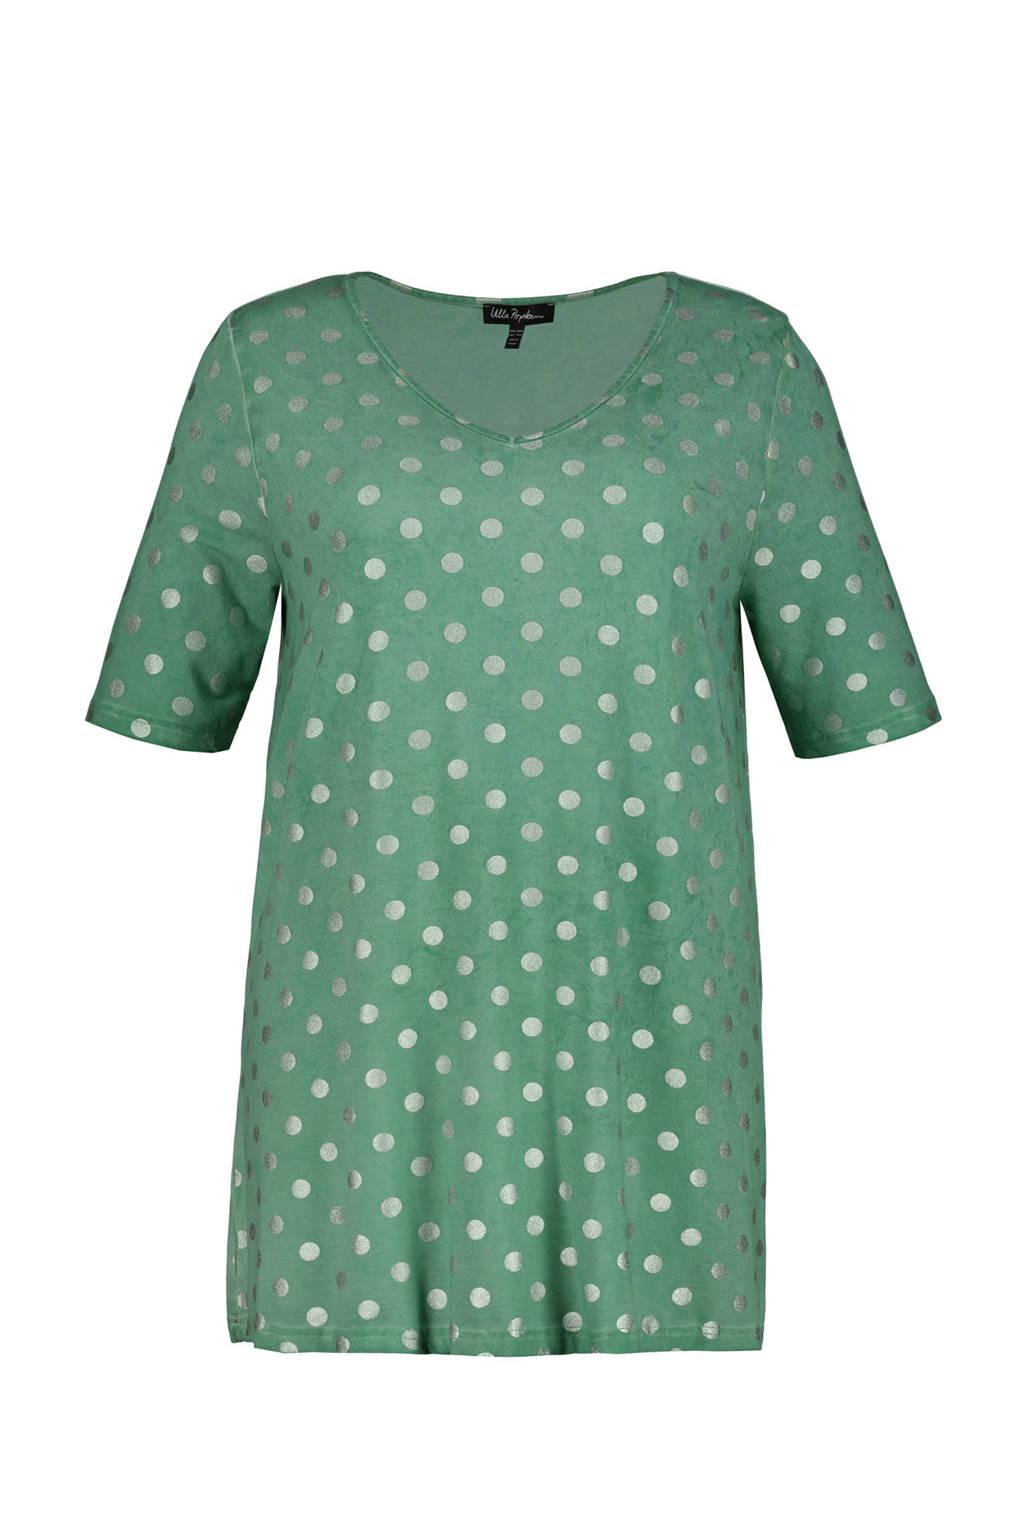 Ulla Popken T-shirt met stippen groen, Groen/wit